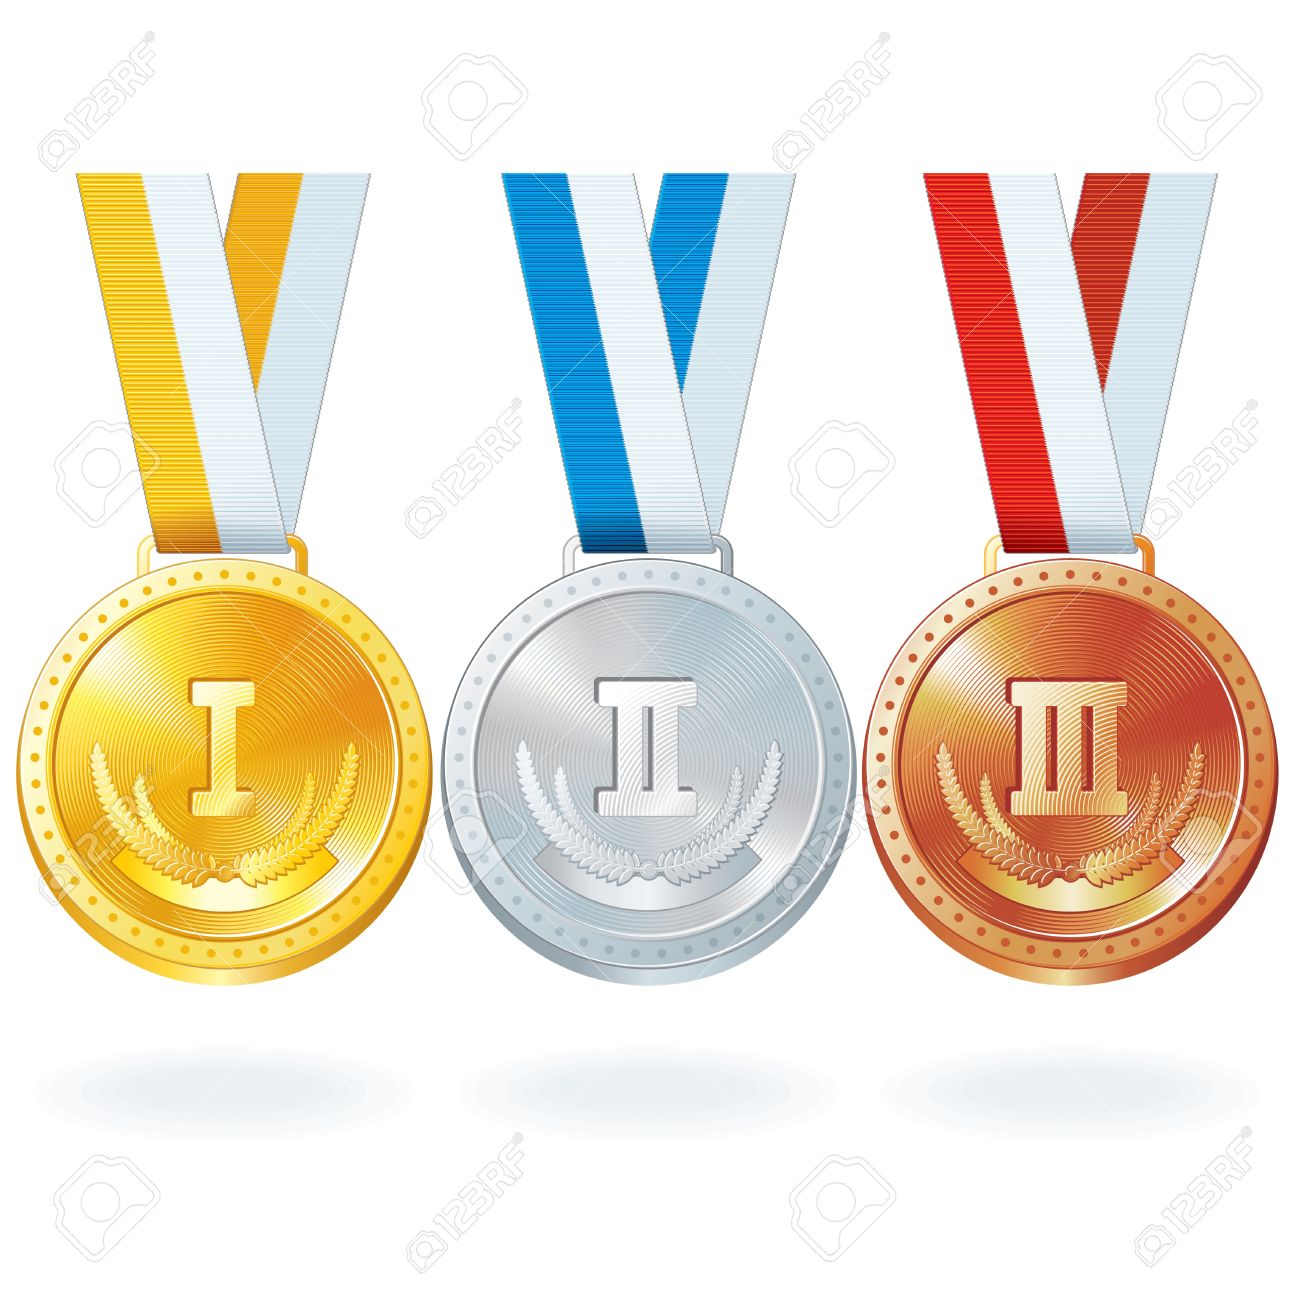 Tres Medallas De Oro Vector, Plata Y Bronce Ilustraciones.